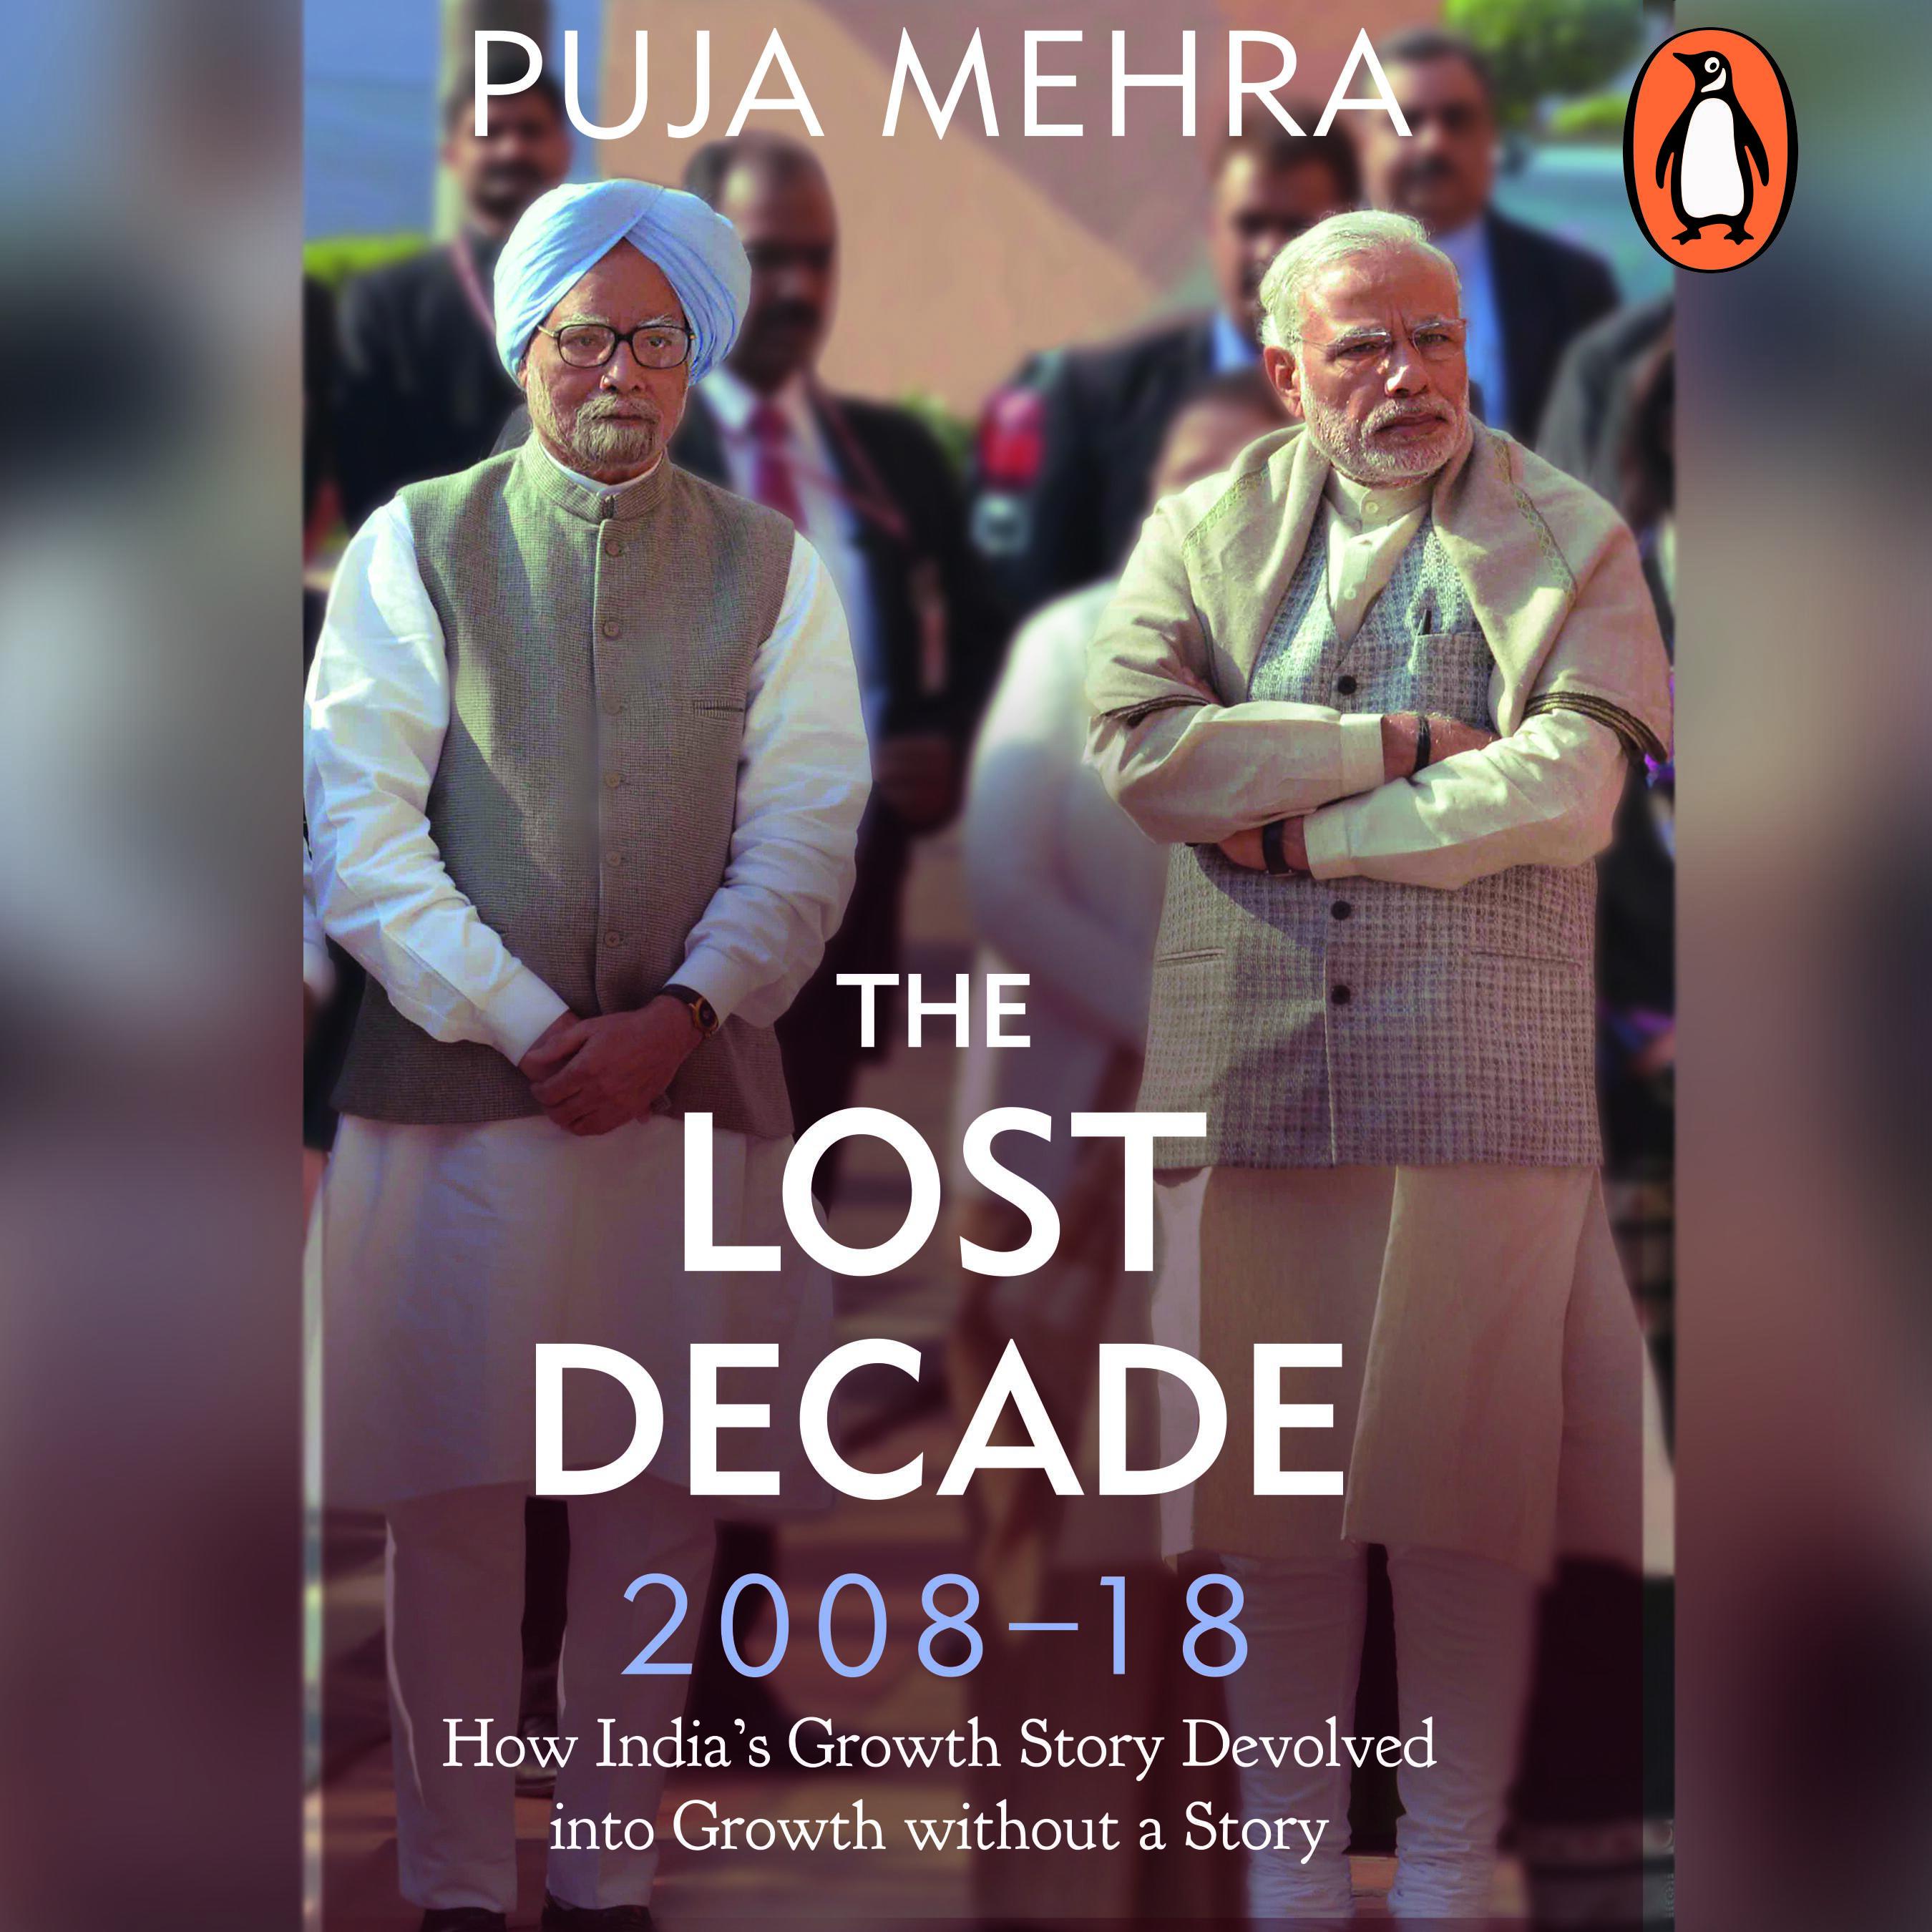 The Lost Decade (2008-18)